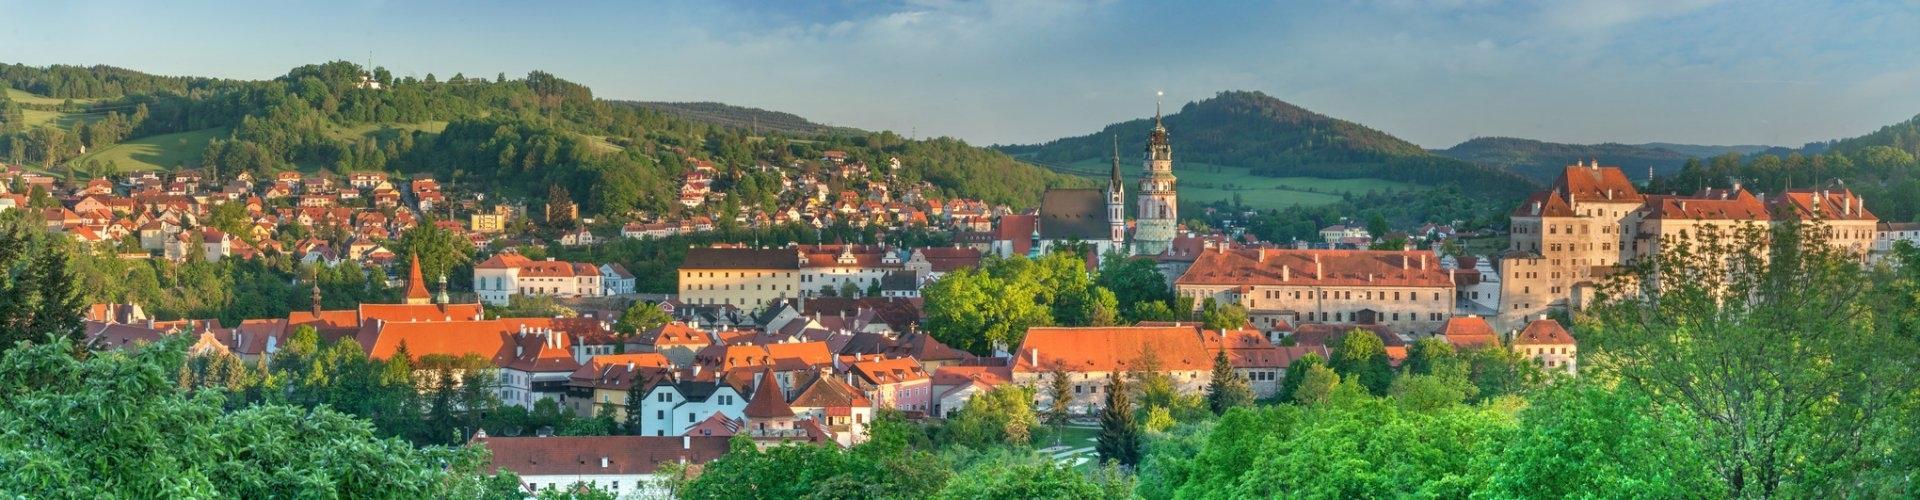 Luxusferienhäuser in der Tschechien